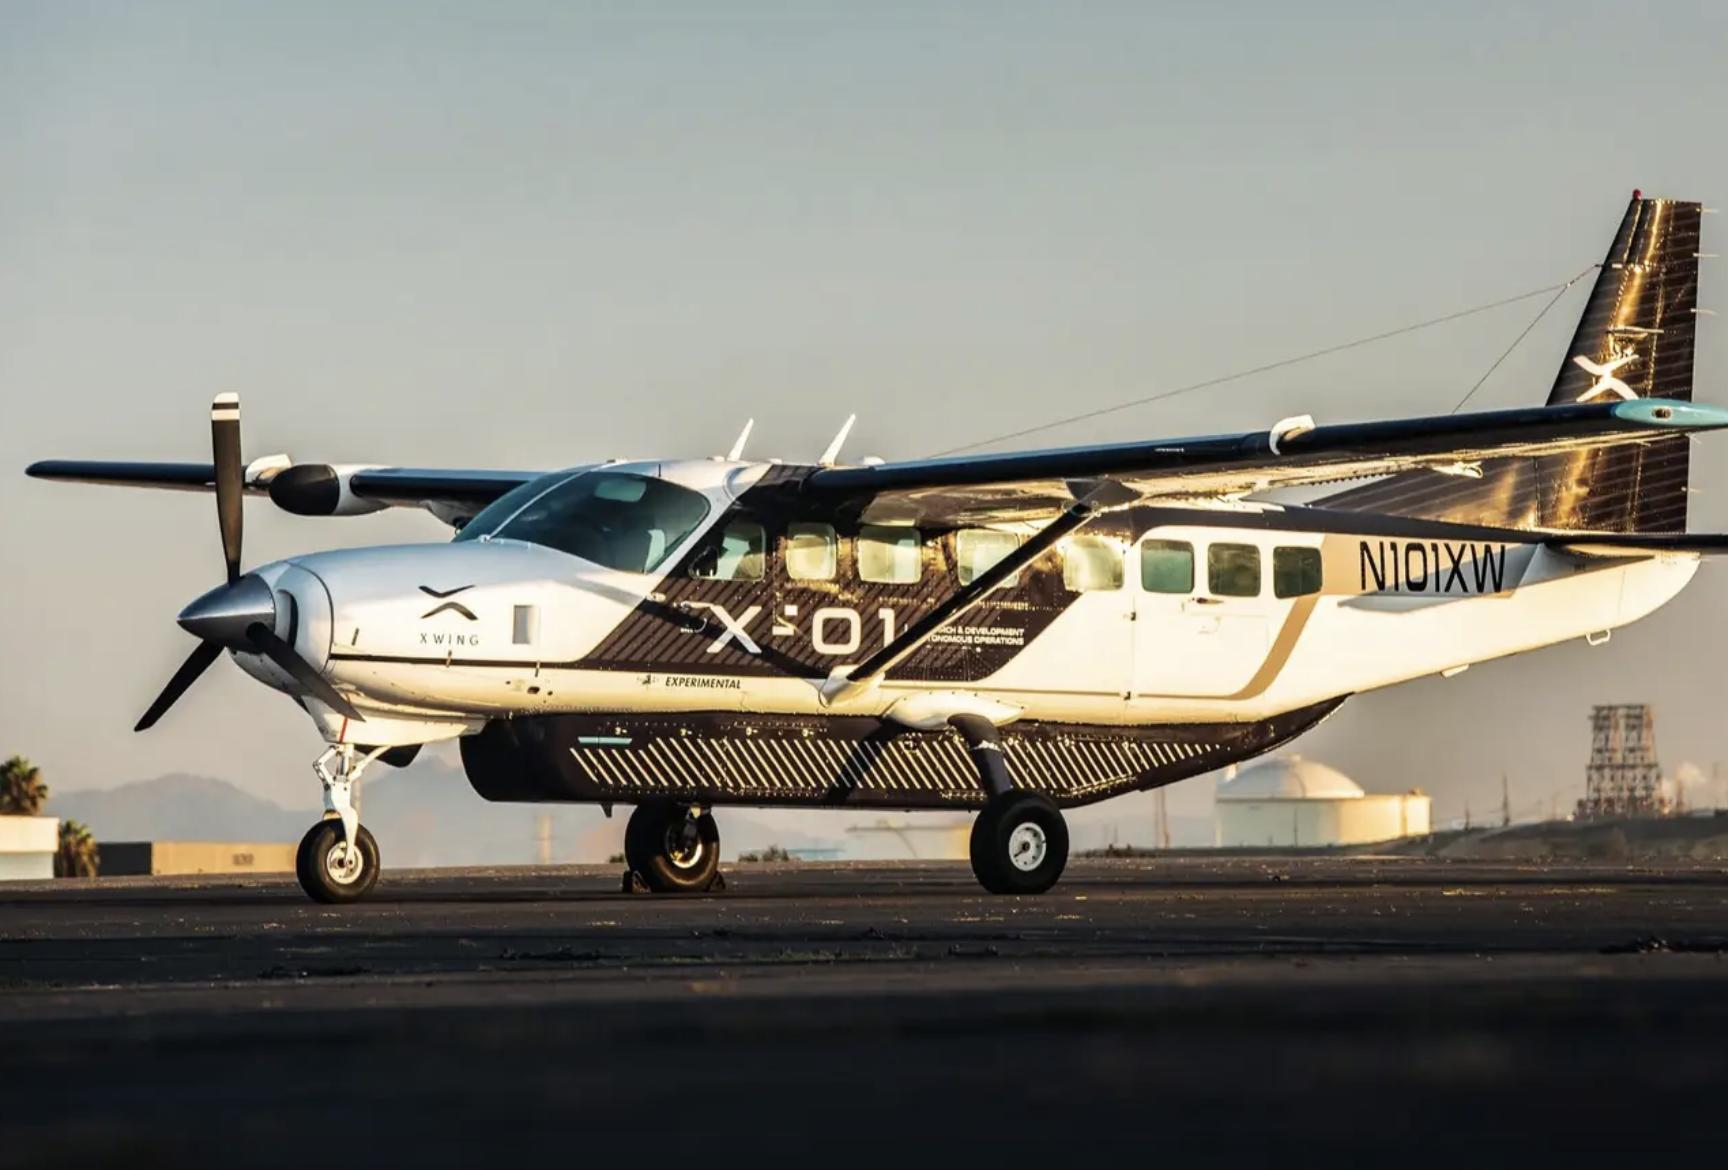 Obrazek przedstawia samolot autonomiczny Cessna, który znajduje się na pasie startowym.